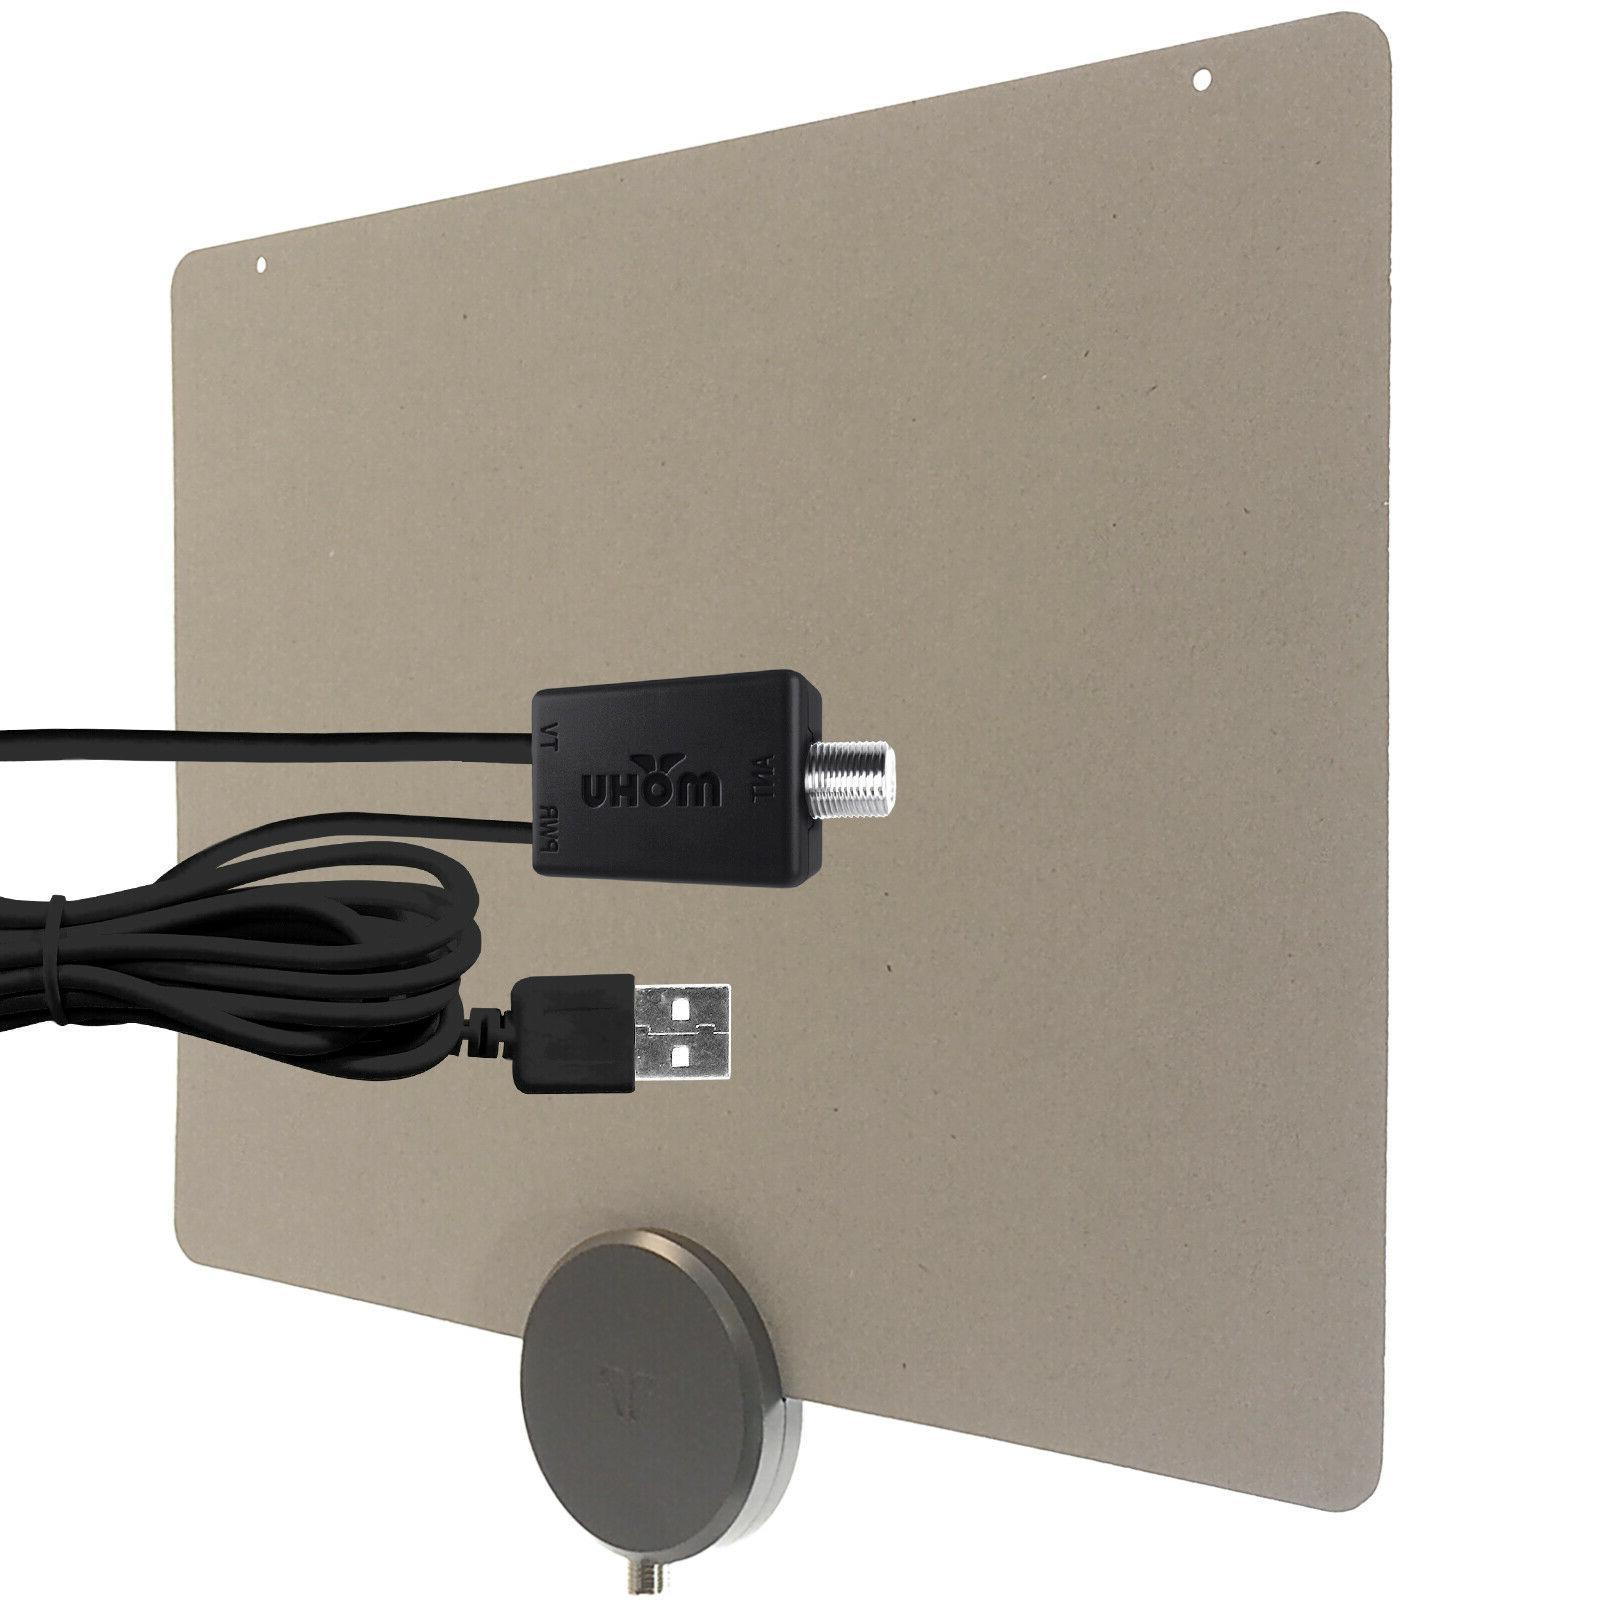 releaf 50 mile indoor tv antenna made